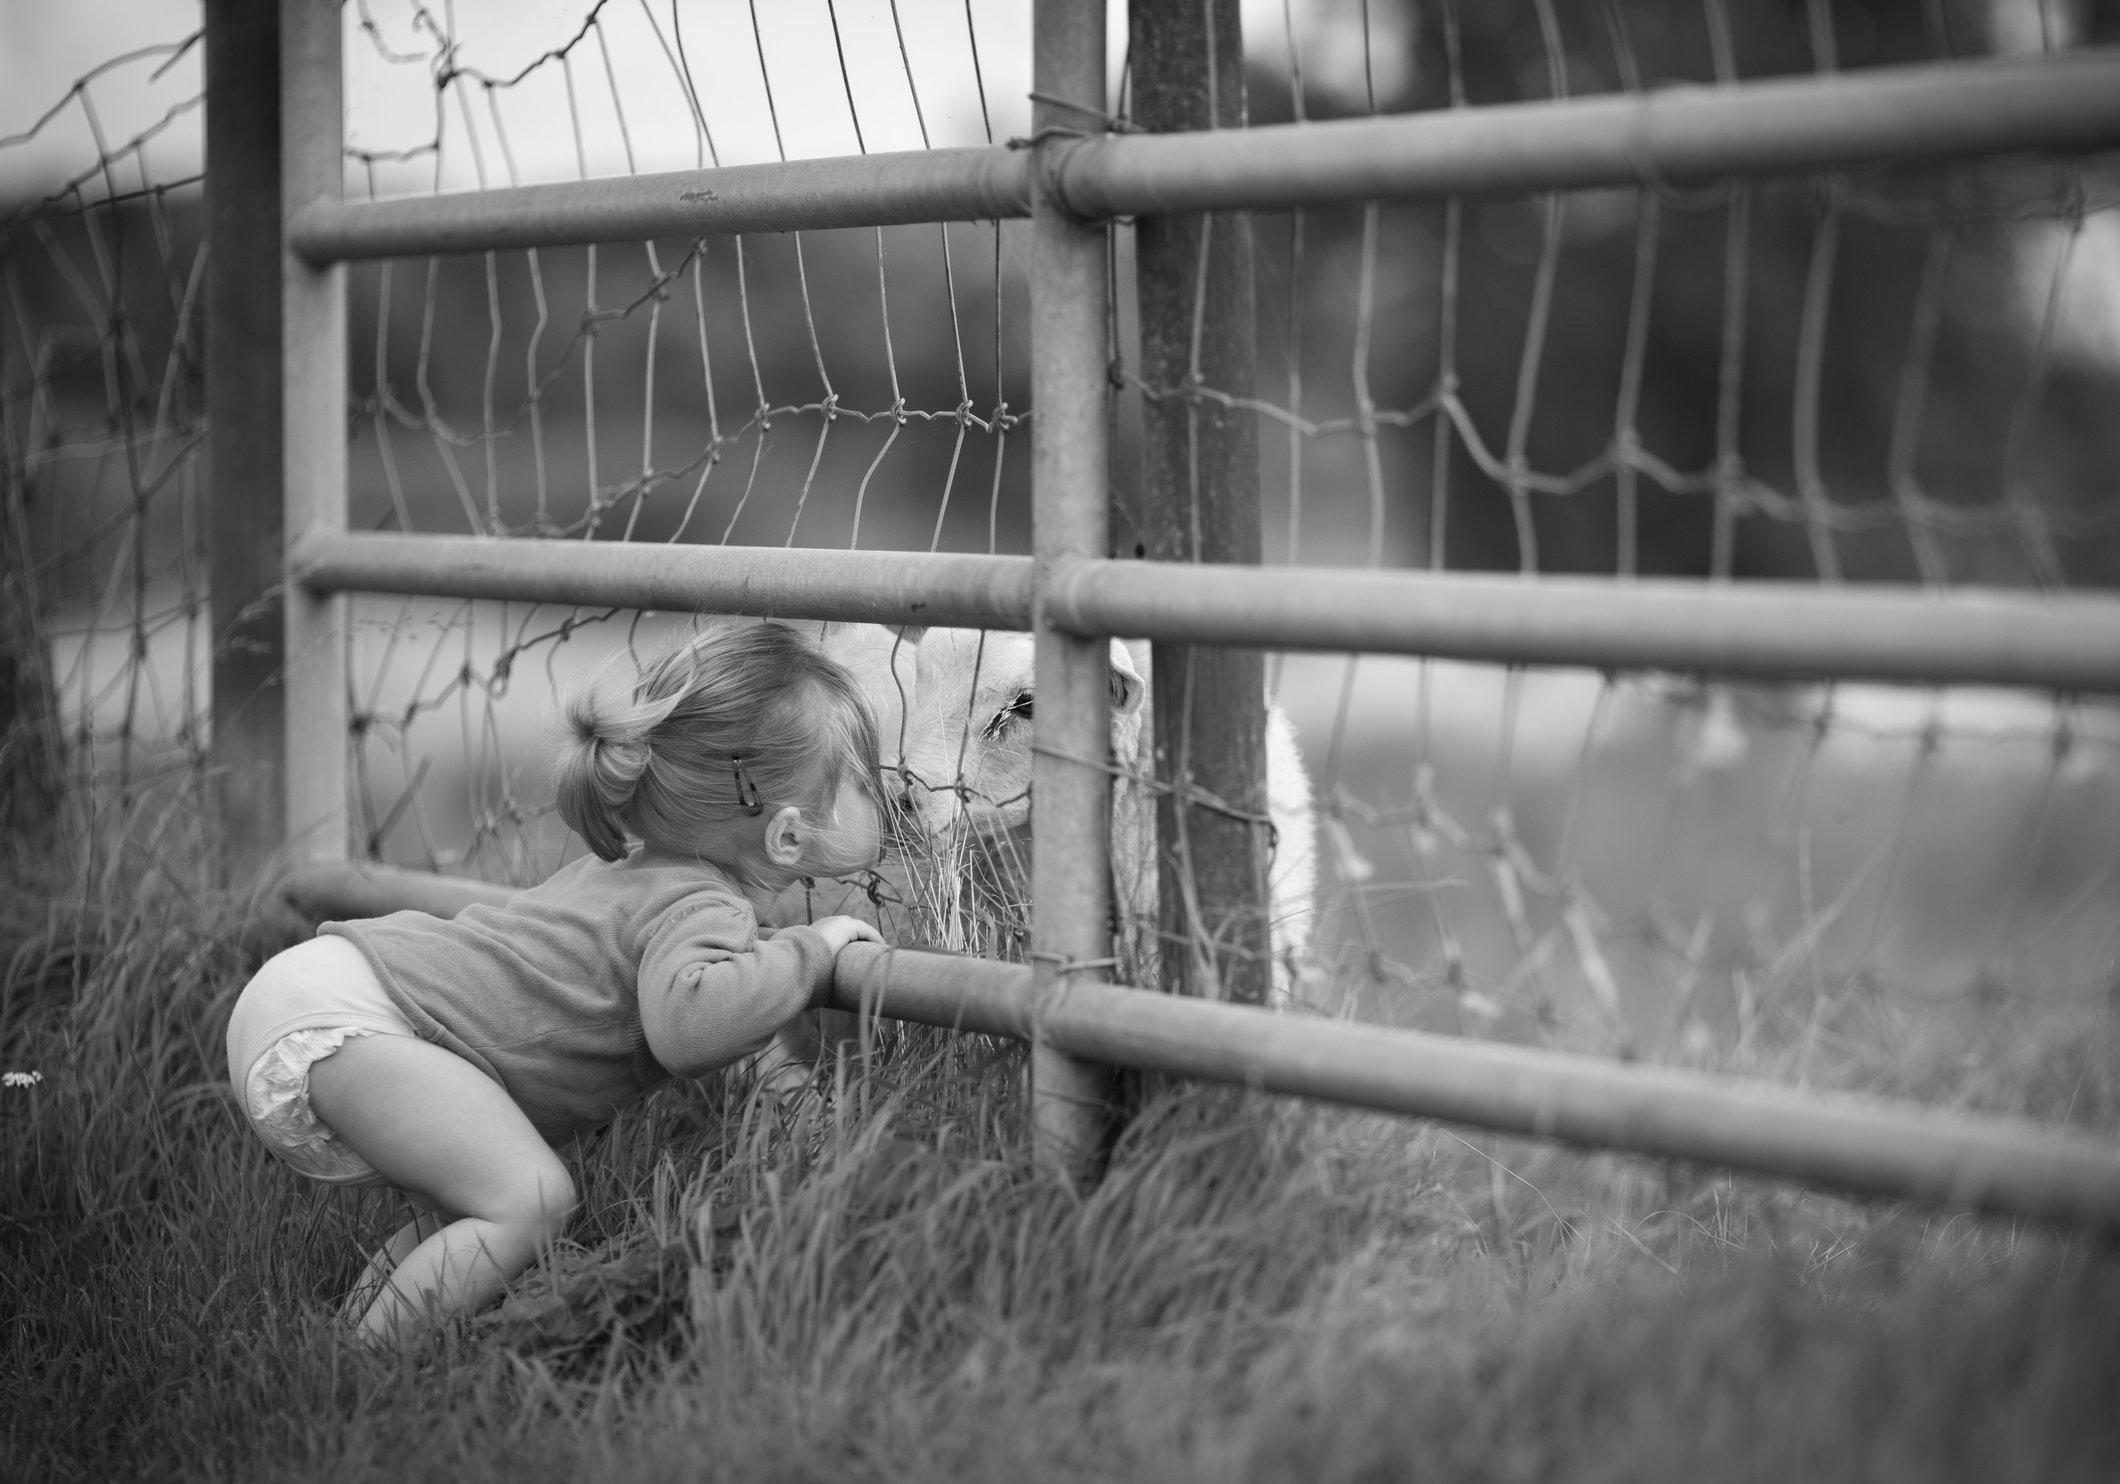 Portretfoto kind dat schaap kust - © Janneke Walter, kinderfotograaf omgeving Utrecht